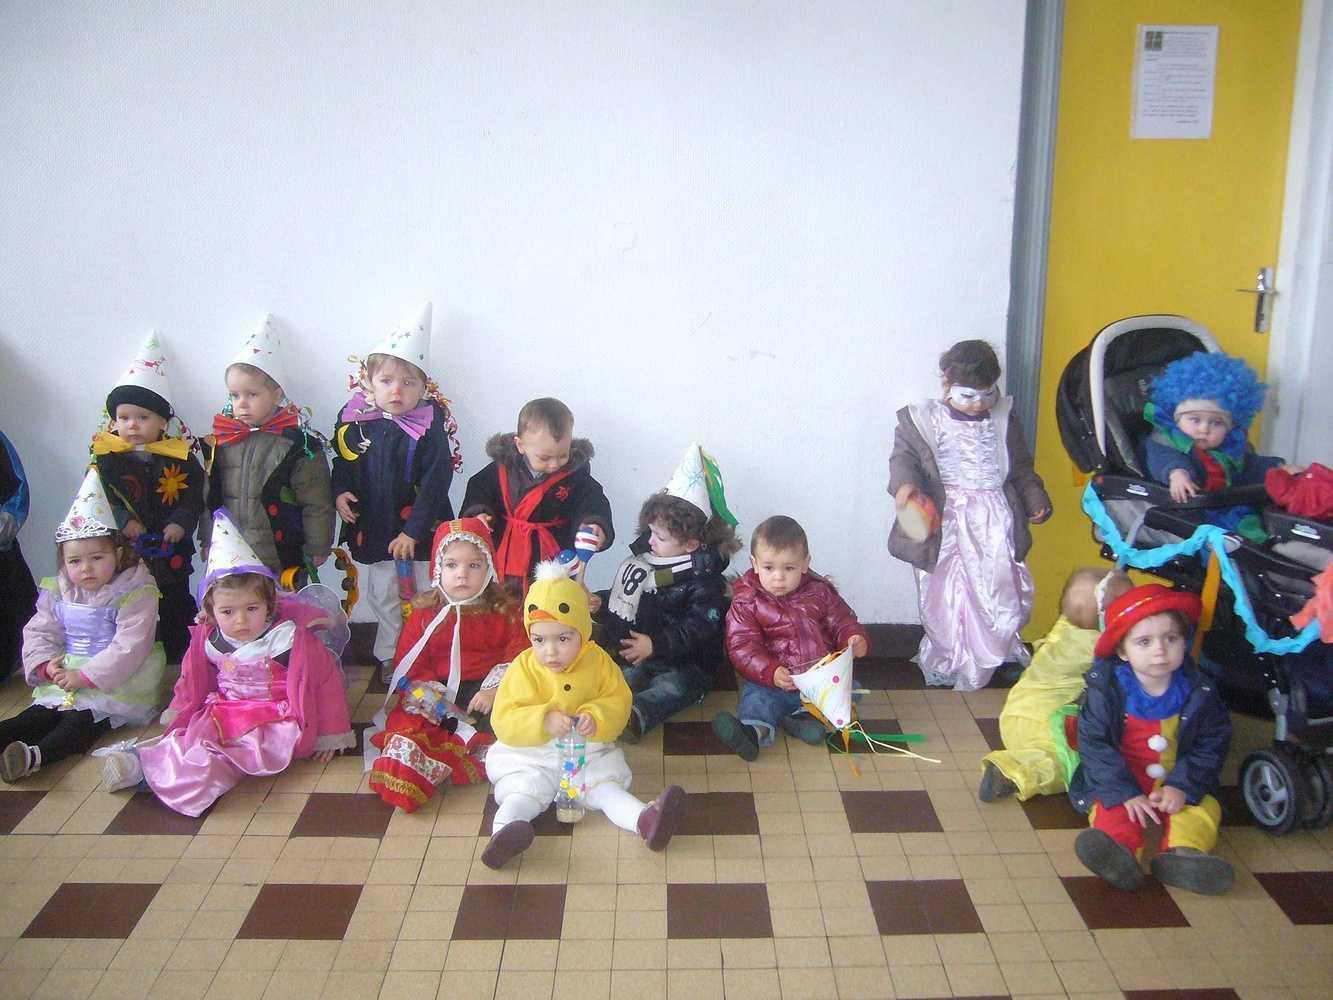 Les bons souvenirs de la bambinerie 2012 p1080955